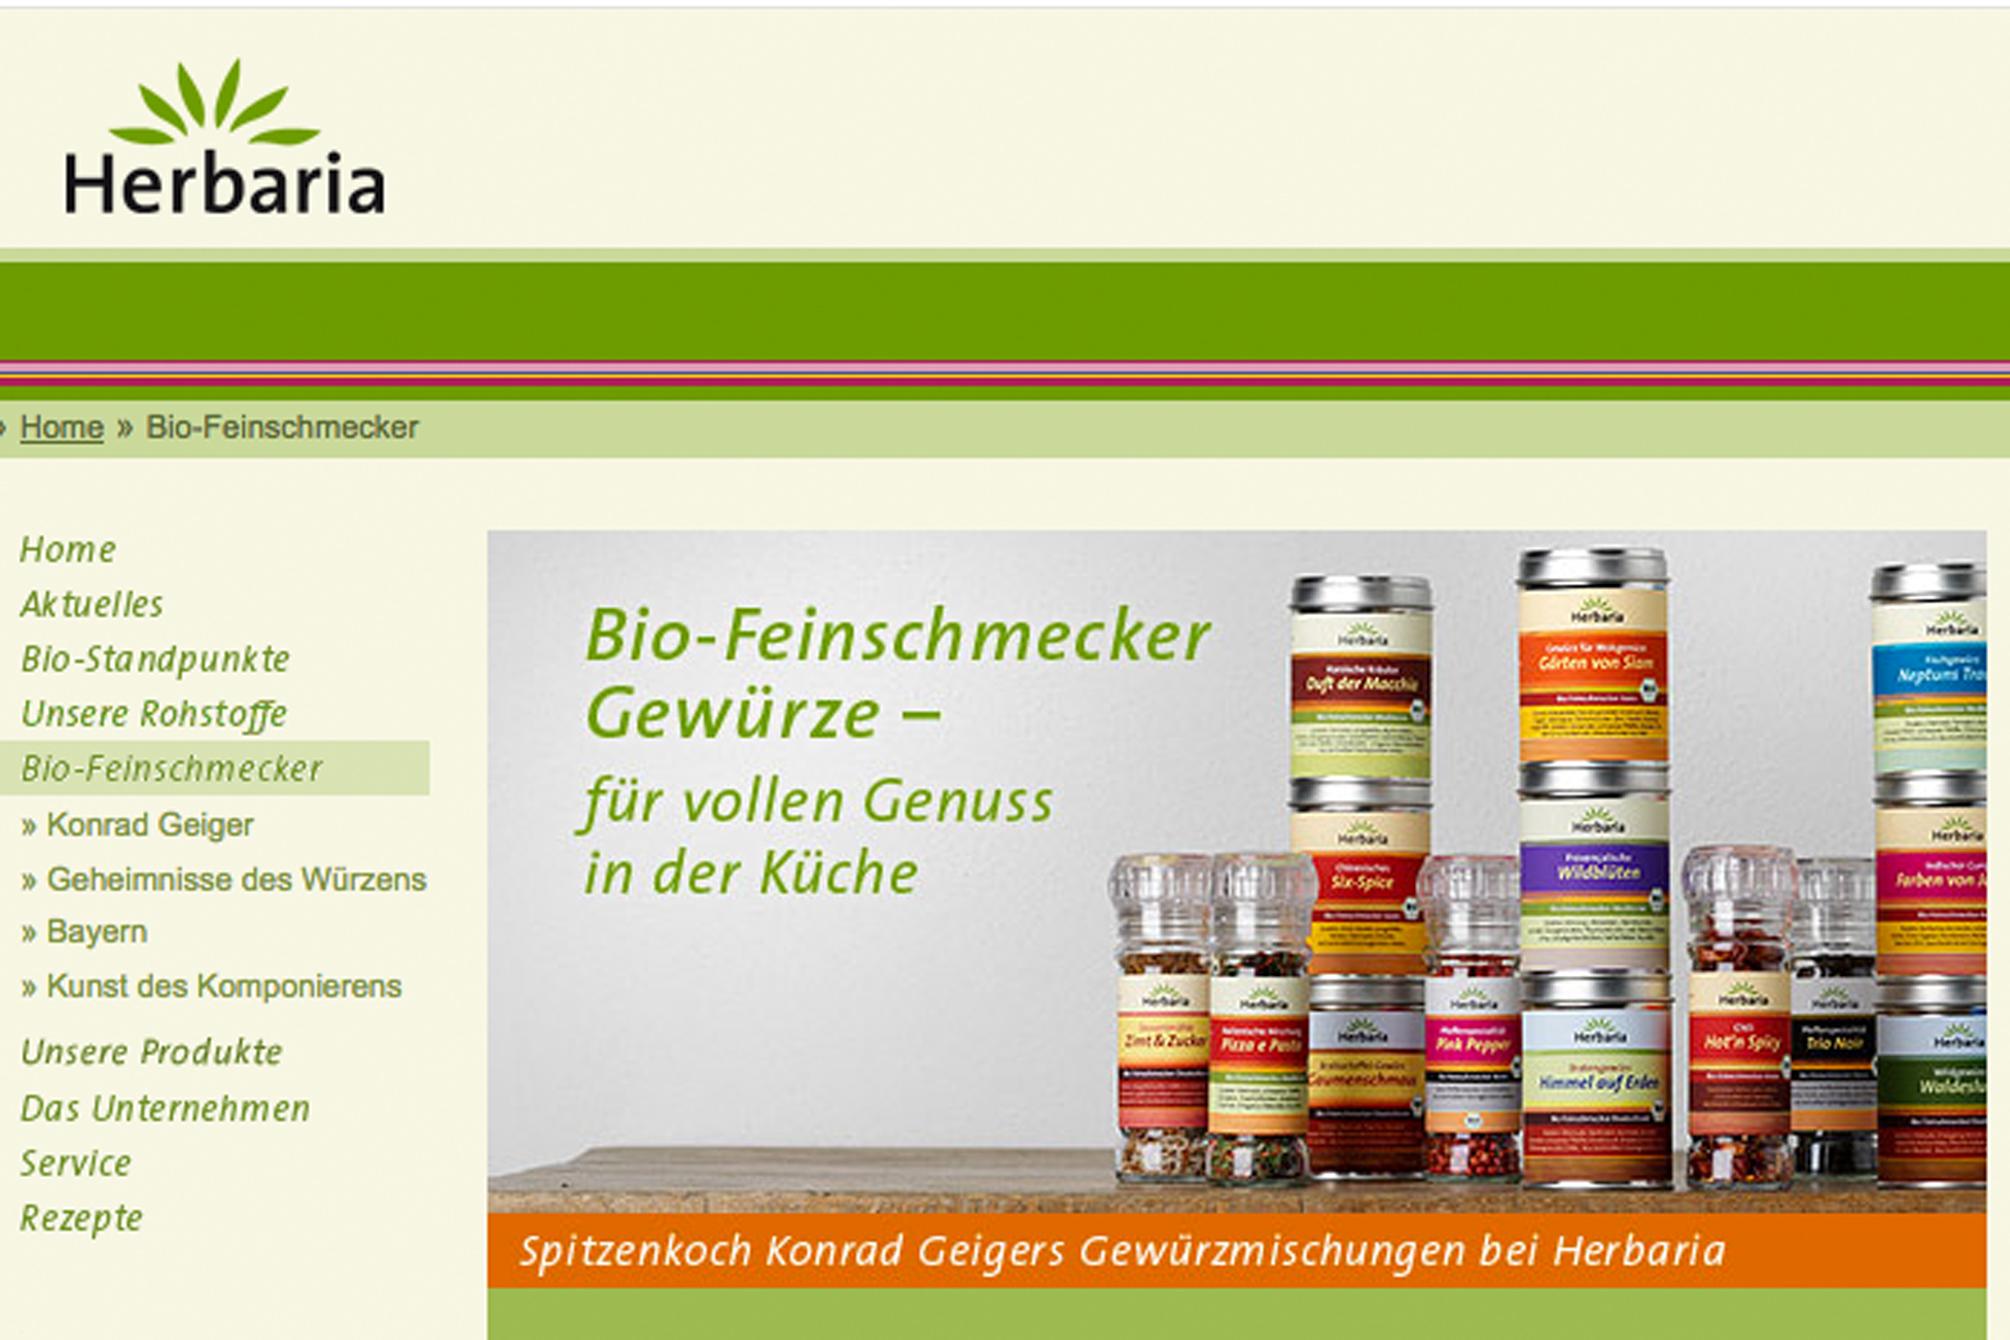 Bio-Feinschmecker Gewürze von Herbaria